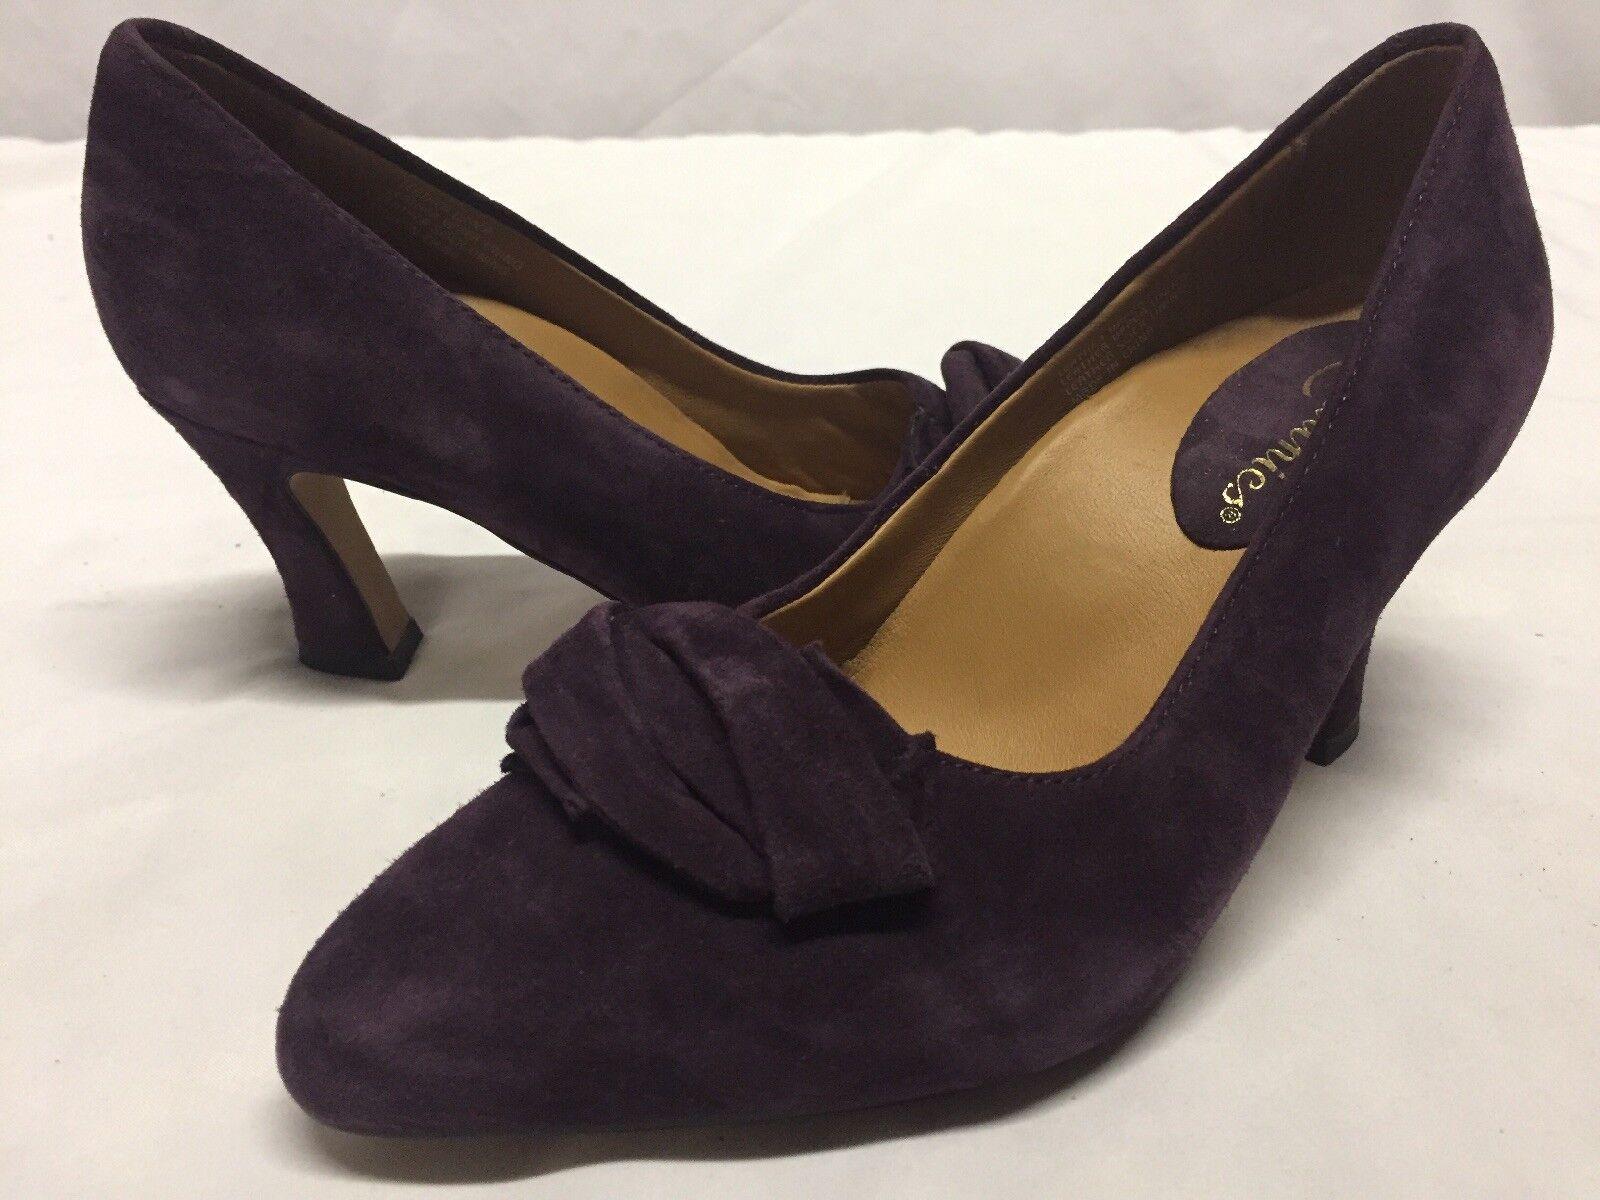 Earthies PRANTINI Women's Pumps shoes, Purple, Size 6 B  ...CONF2